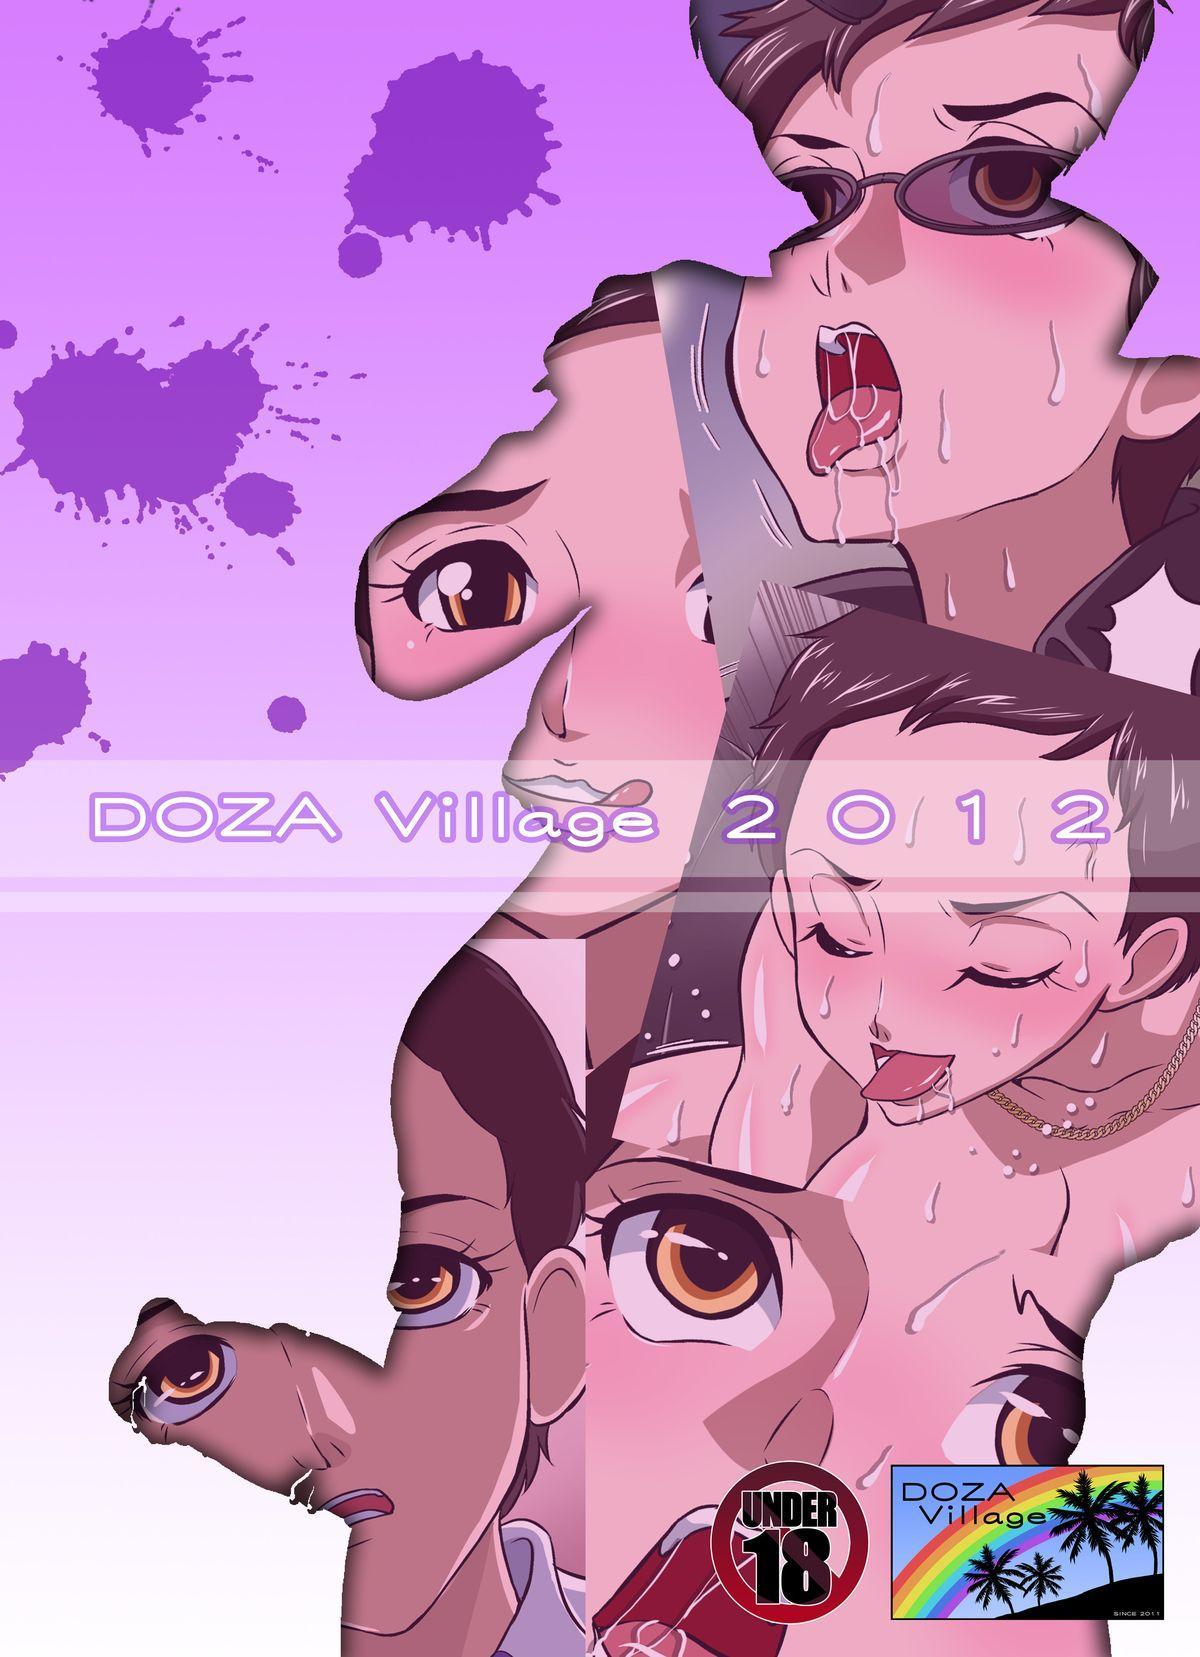 [DOZA Village (Dozamura)] 3-nen B-gumi Manami Sensei ~Futanari Taiiku Kyoushi - Morita Ritsuko~ | Instructor of Junior Class B and Hung Like a Horse, Futanari Gym Teacher Morita Ritsuko [English] [thetsuuyaku] [Digital] 41